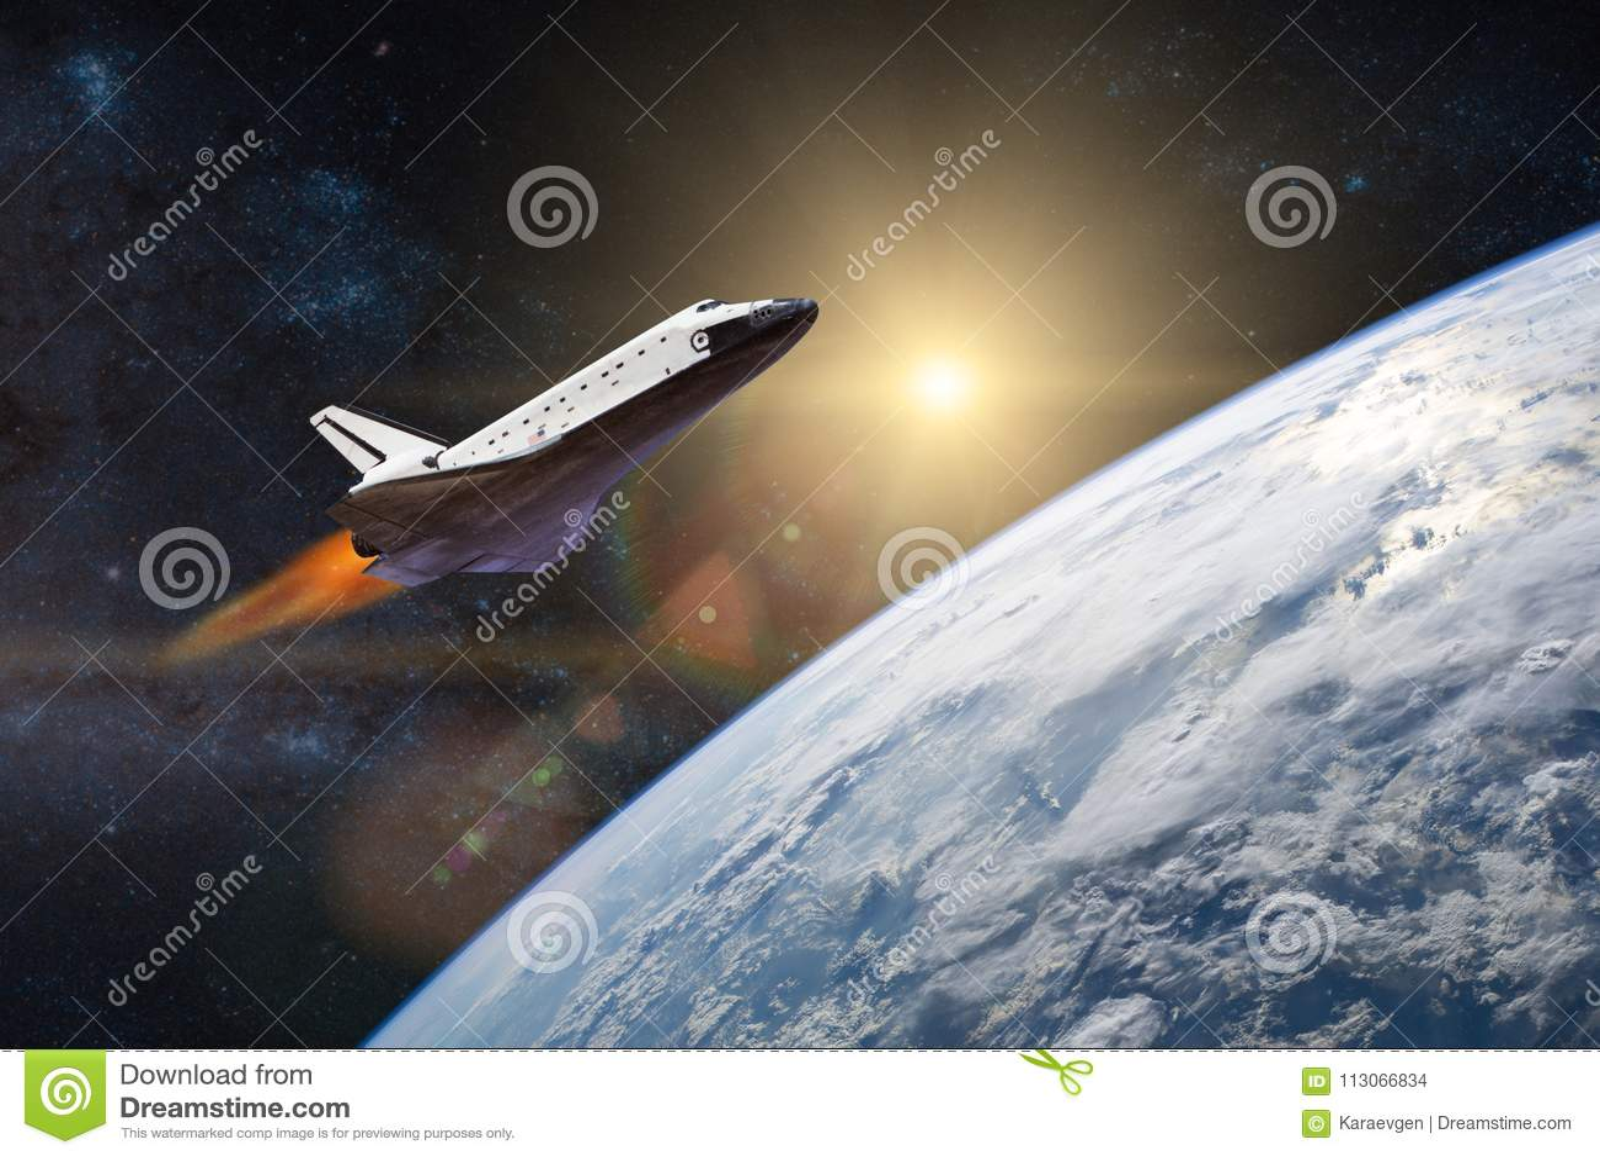 μπλε γήινος πλανήτης Διαστημικό λεωφορείο που απογειώνεται σε μια αποστολή